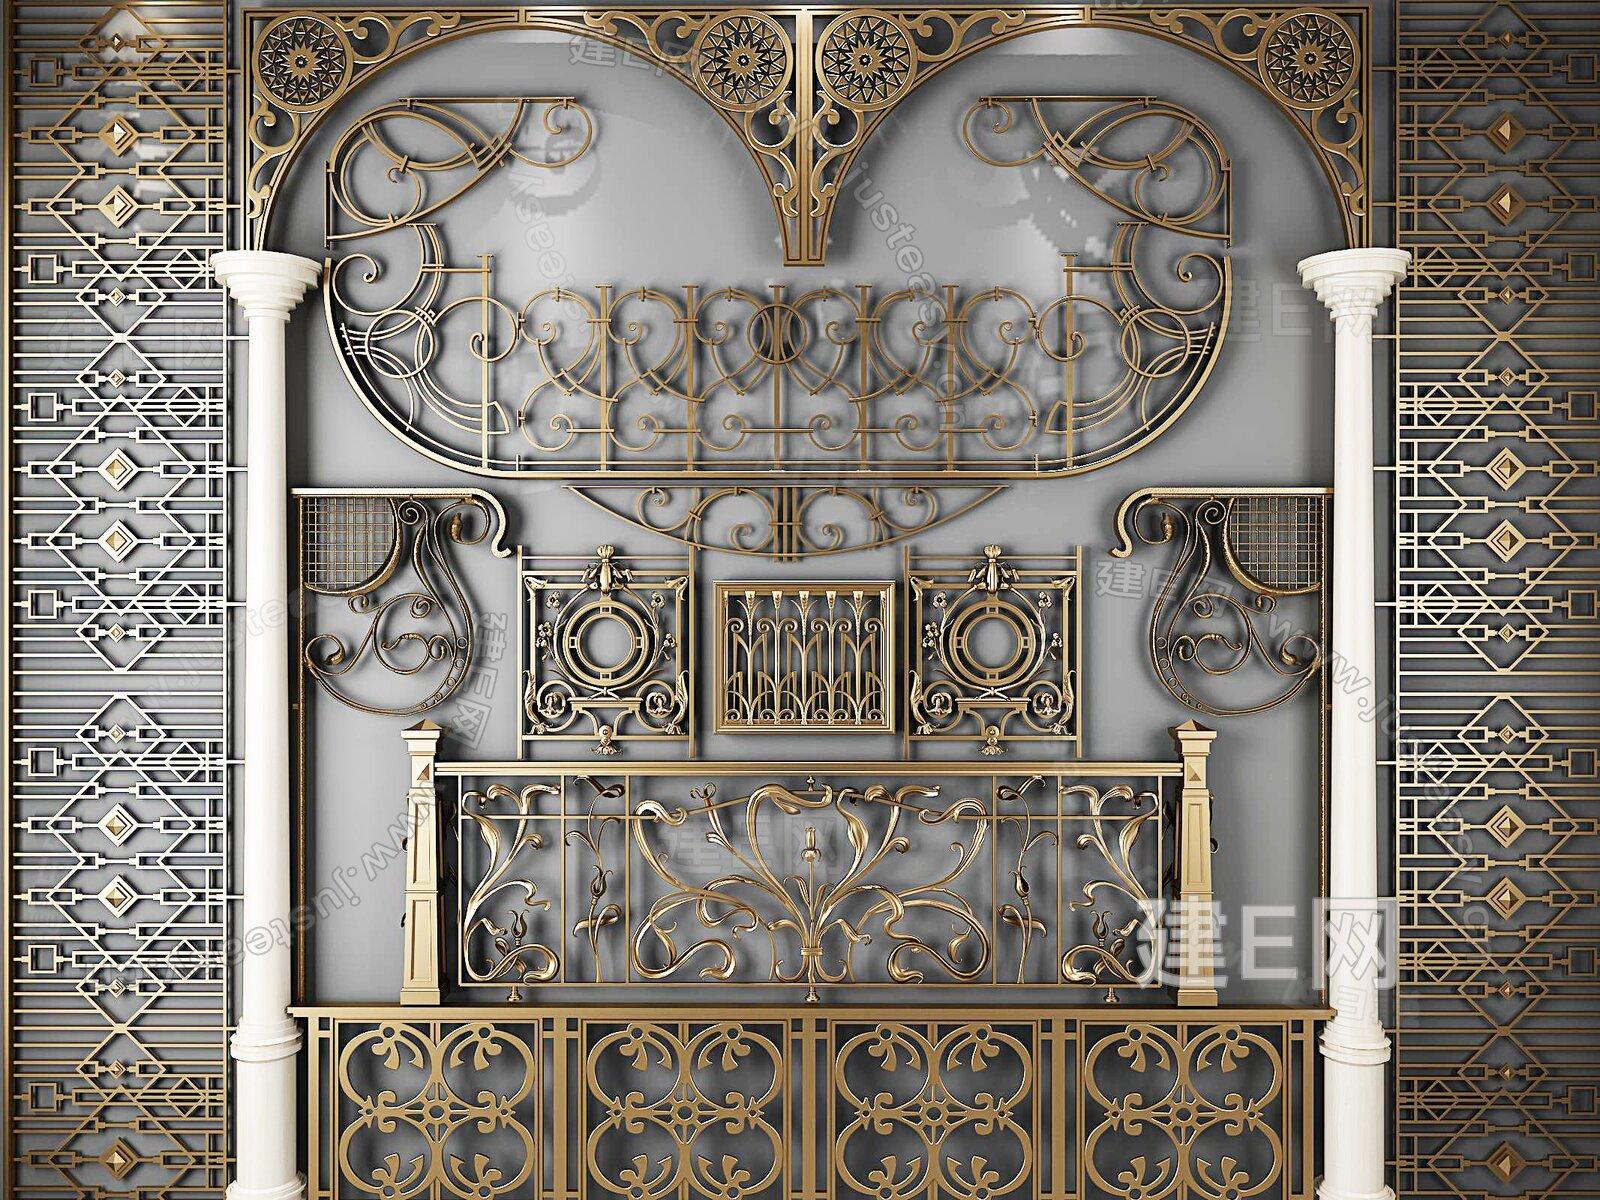 欧式古典铁艺栏杆雕花雕刻[模型id:310889]图片